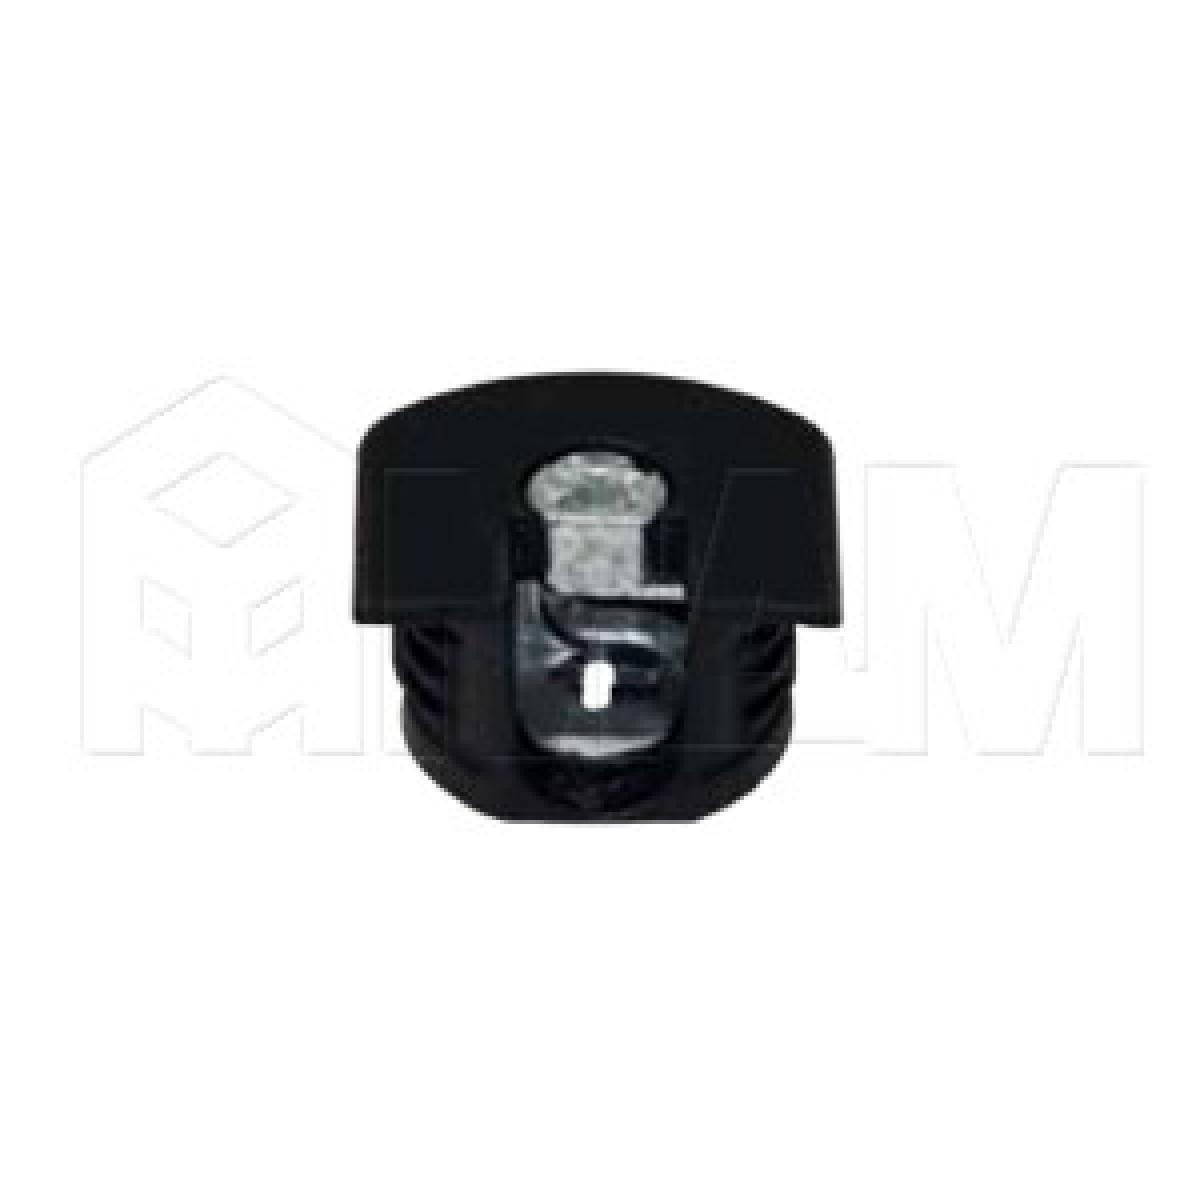 Эксцентрик усиленный в пластиковом корпусе 16 мм, черный